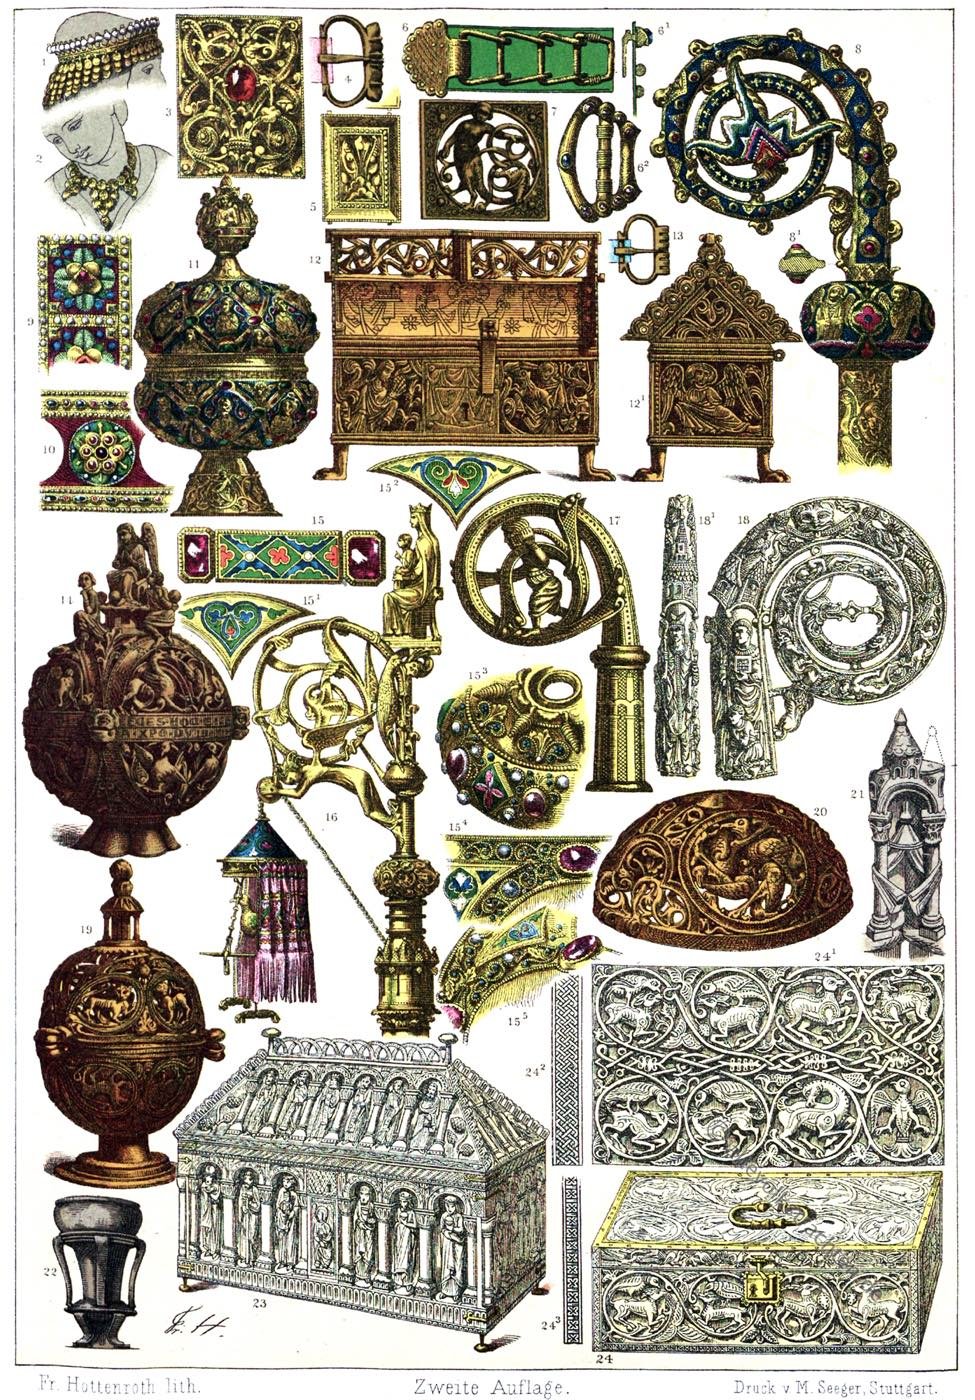 Friedrich Hottenroth, Kunsthandwerk, Mittelalter, Frankreich, Schmuck, gotik, Romanik, Ornamentik